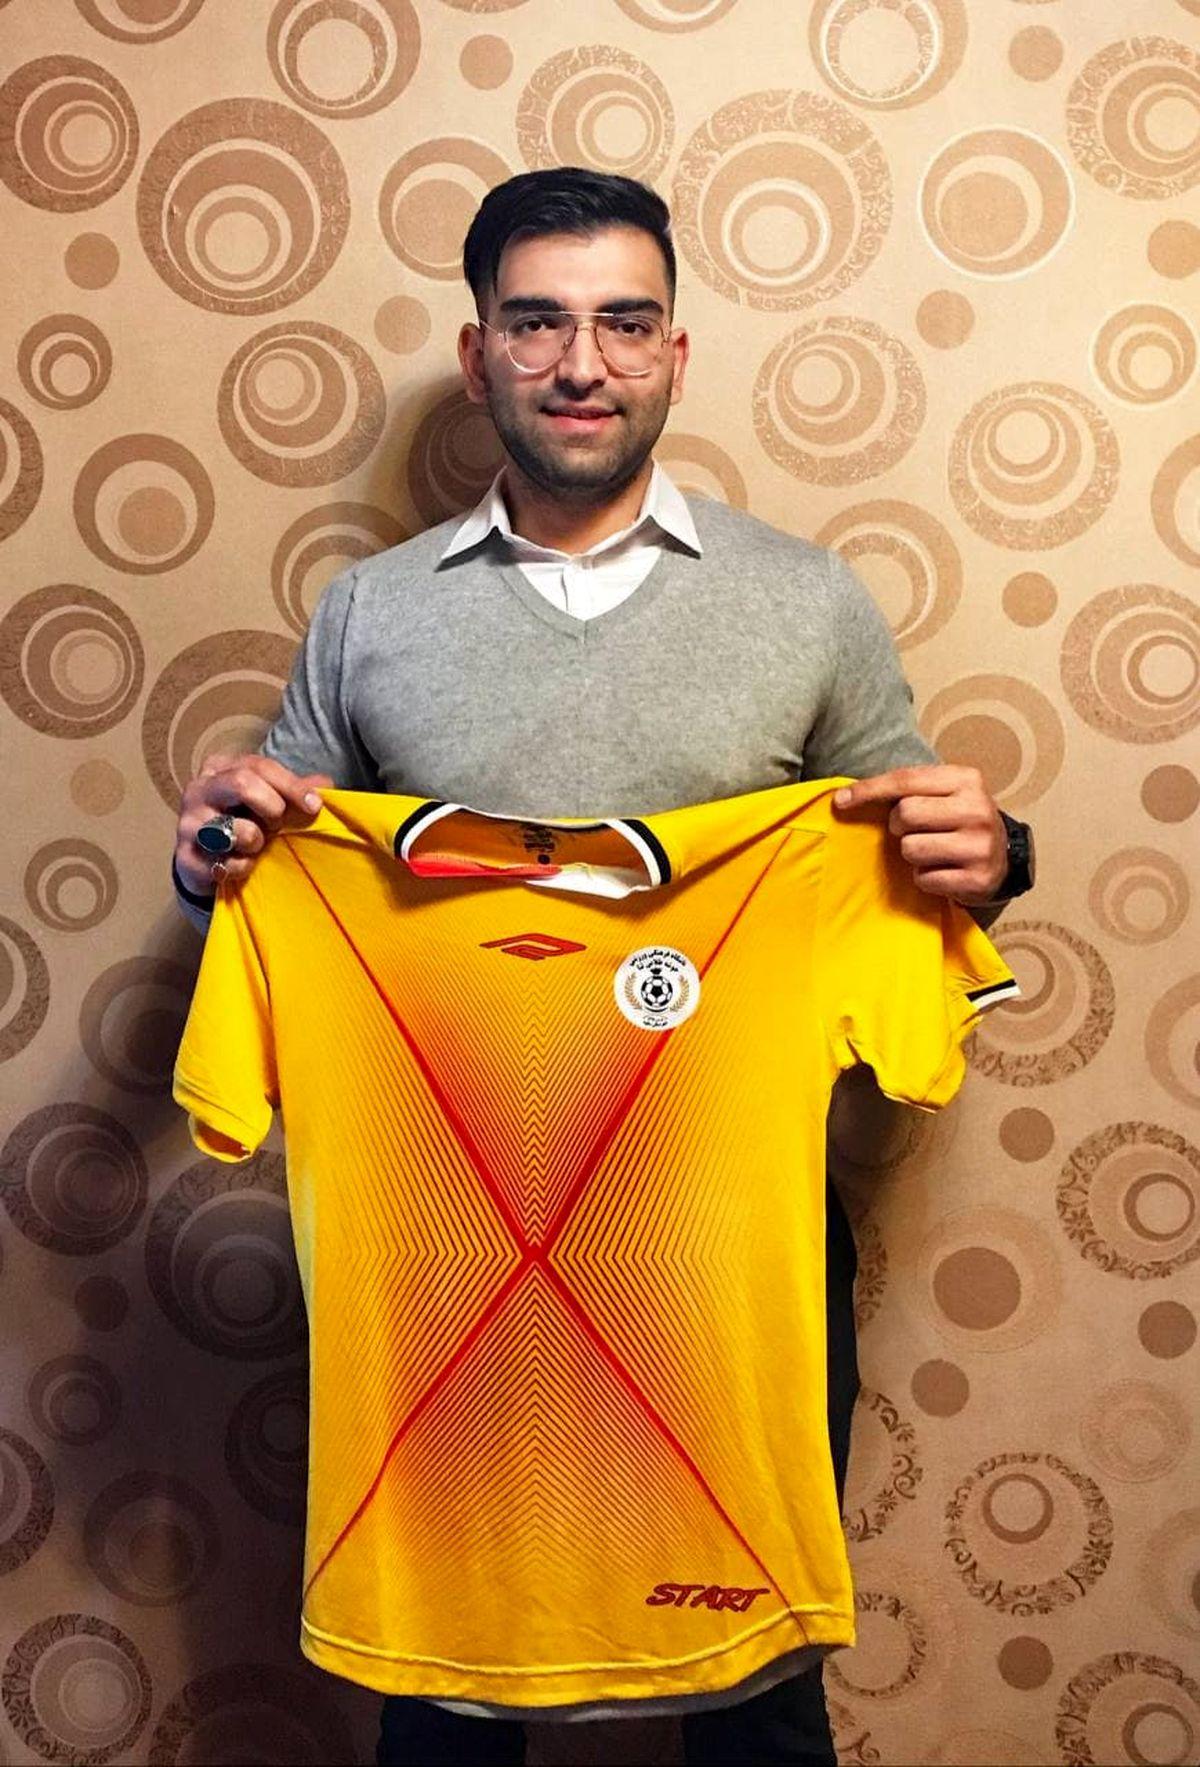 مدیر رسانهای تیم فوتبال خوشه طلایی ساوه انتخاب شد